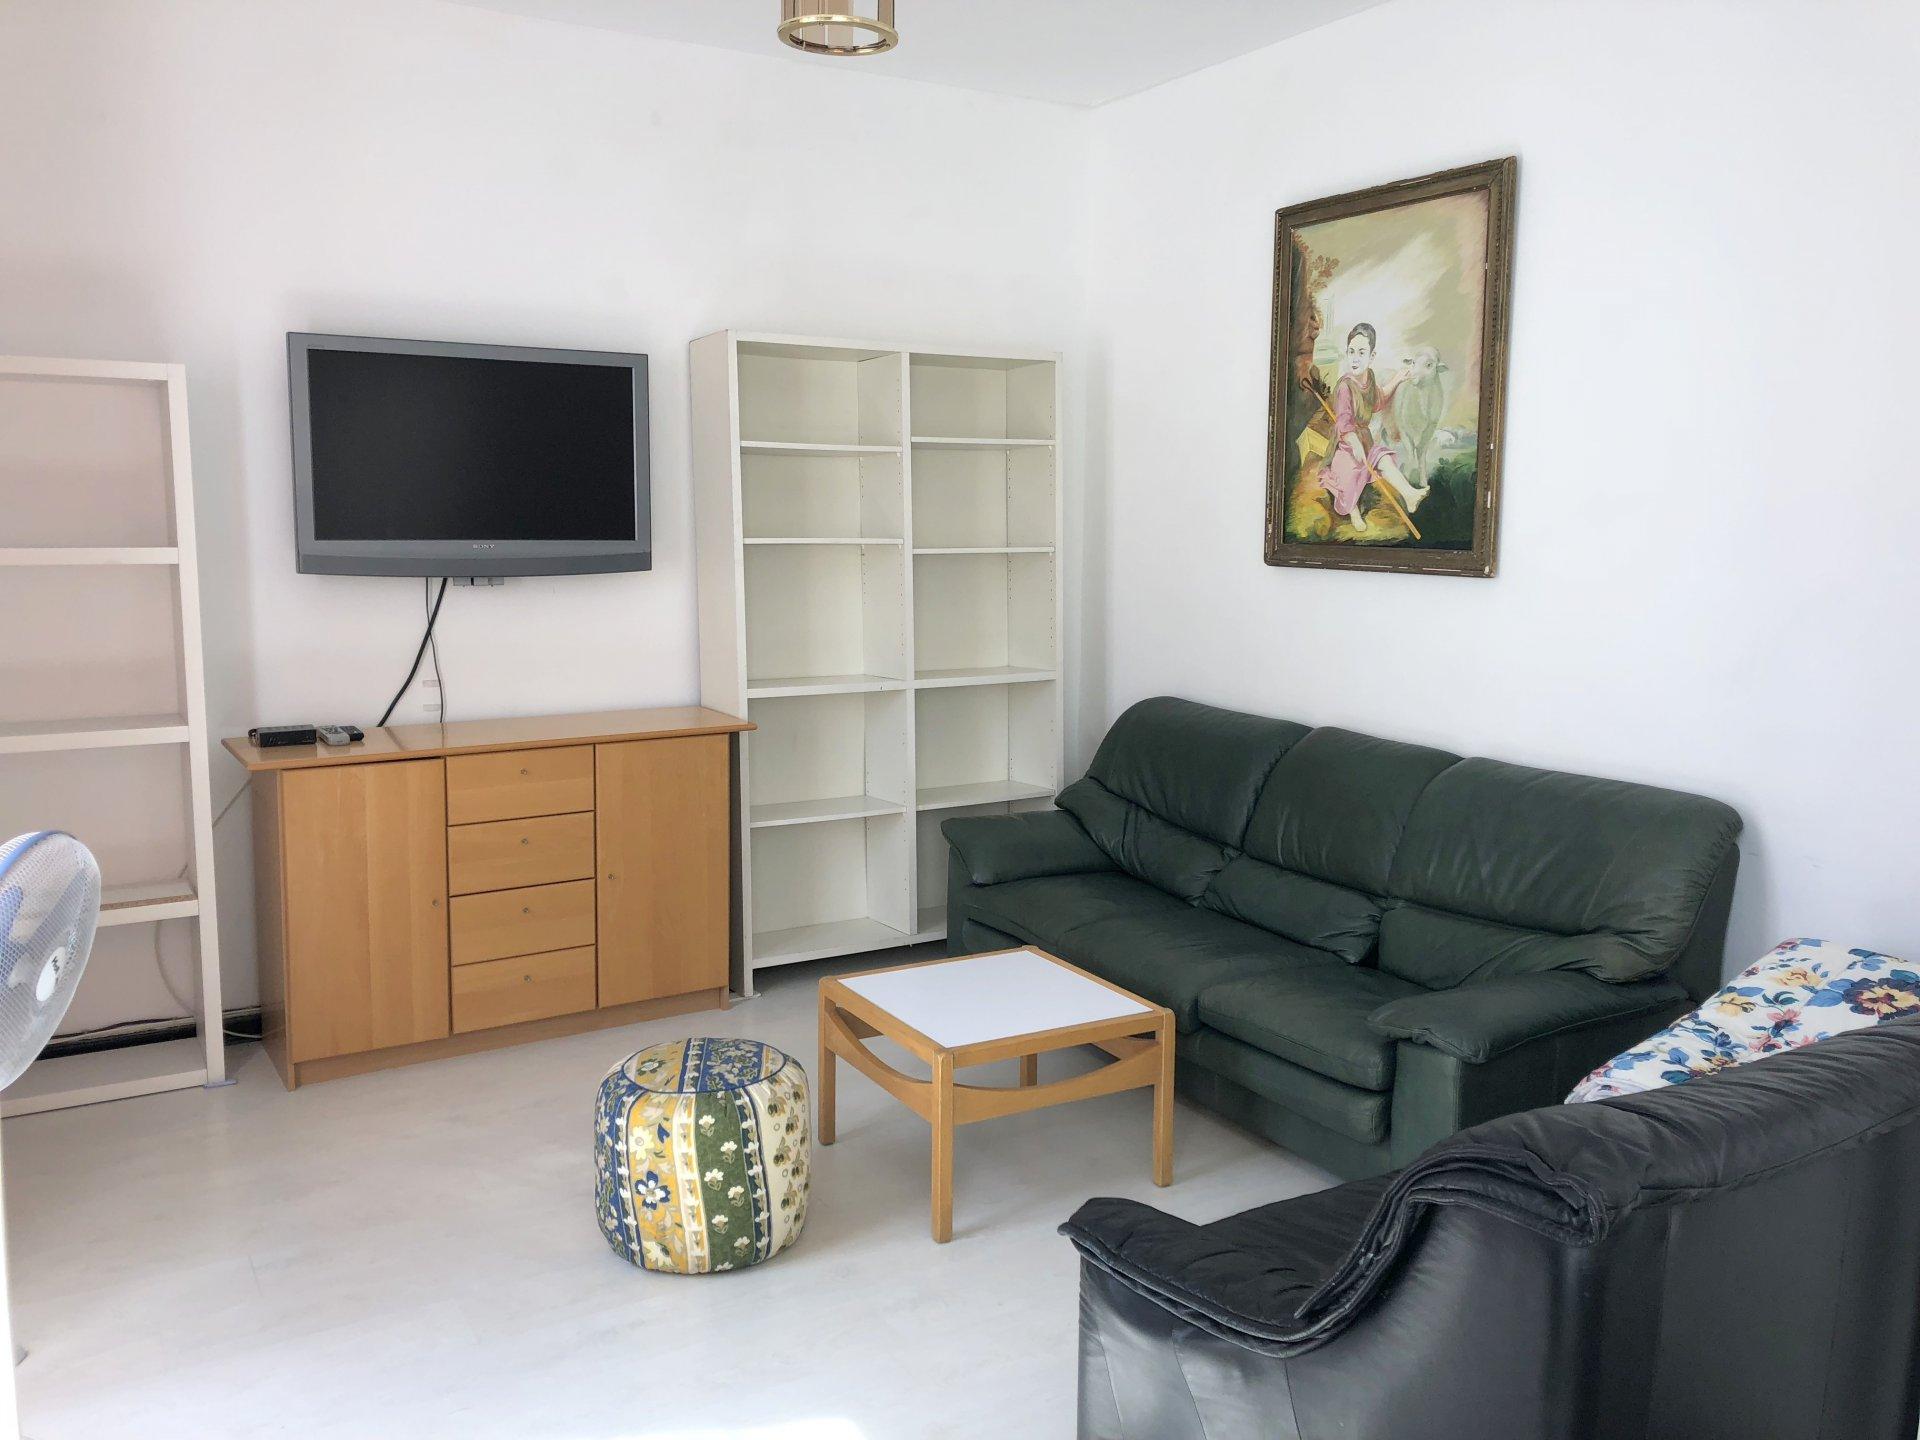 Location Nice, 3 pièces meublé 74.38m² situé proche faculté